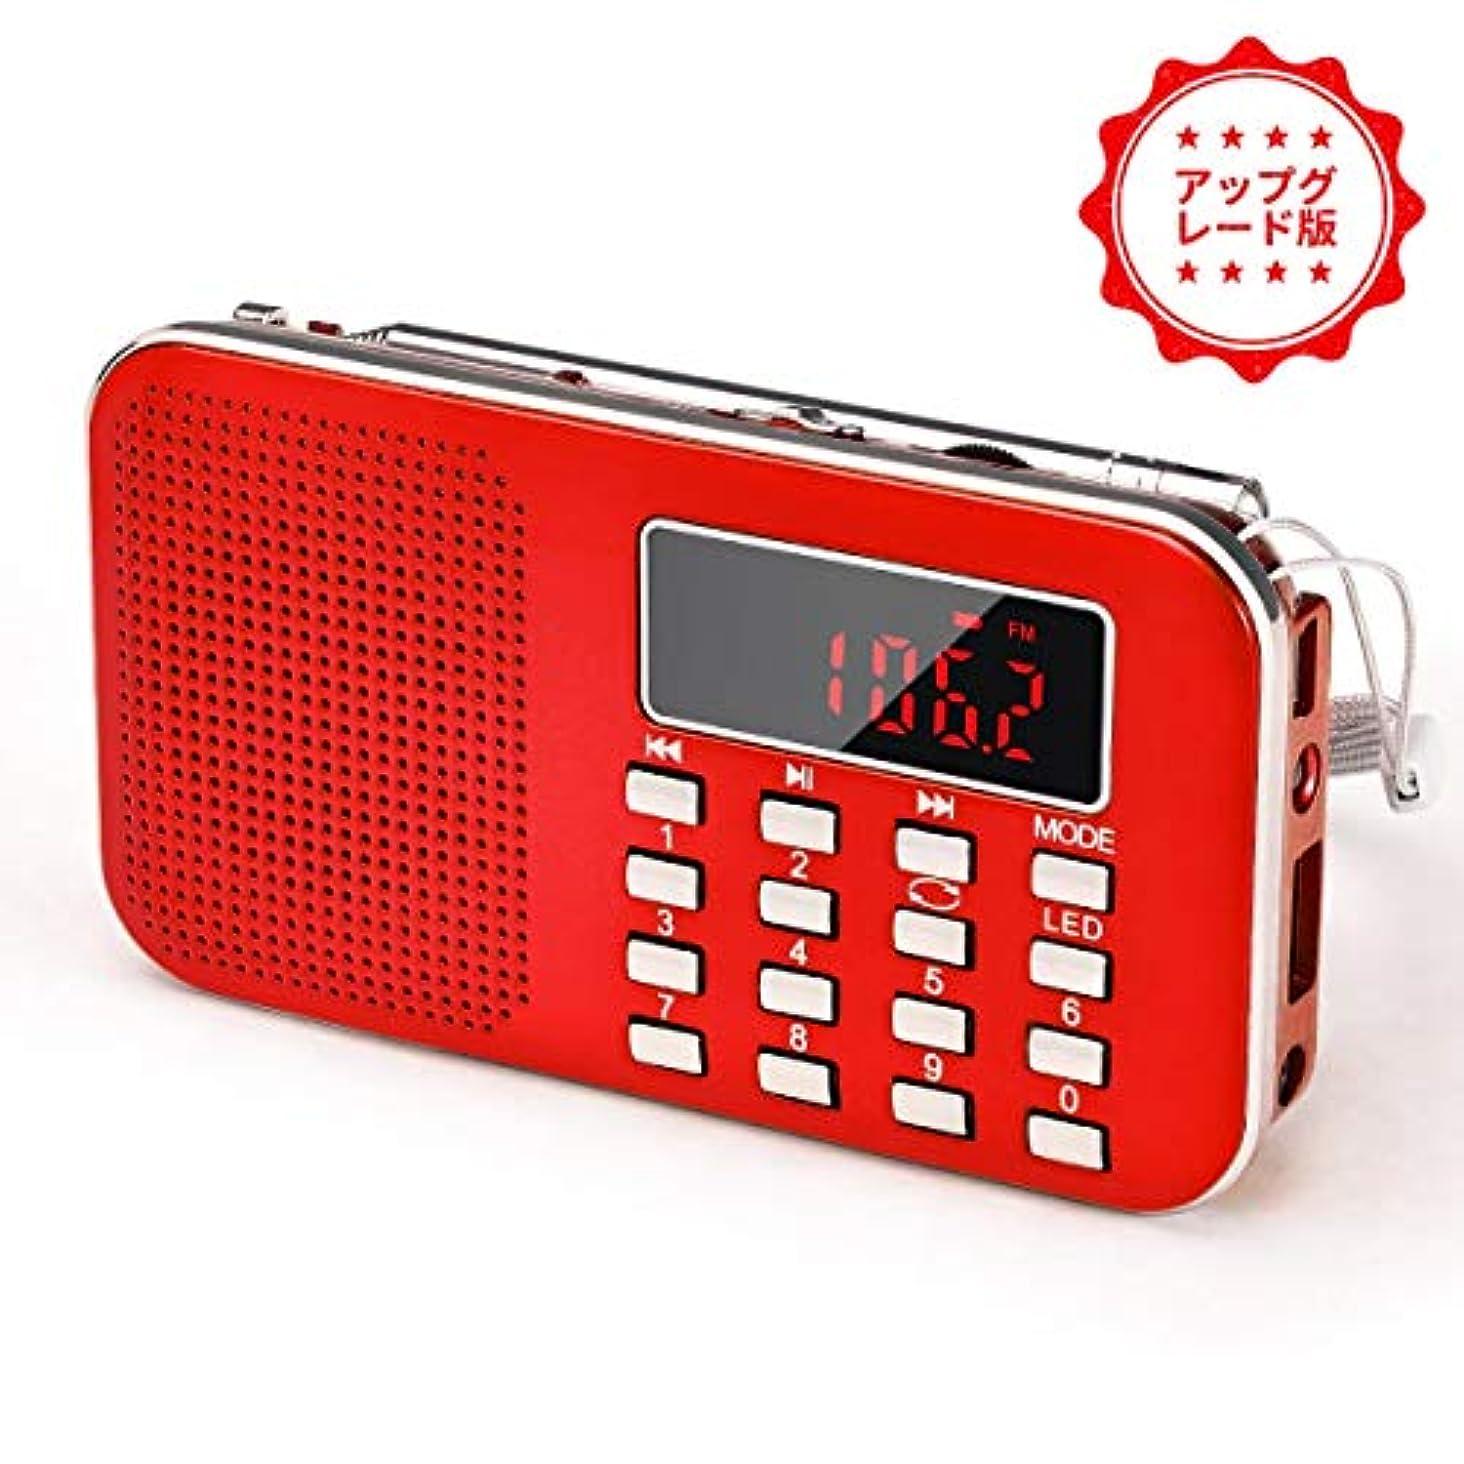 サドル品揃え移住するPRUNUS ミニ ポータブル 超薄型 AM(MW)/FM MP3 MICRO SD AUX ラジオ 非常用フラッシュライト機能付き、充電可能 交換可能 バッテリー 放送局にチャンネル番号をつけて記憶[自動のみ] 日本語マニュアル付き(日本人作成) (レッド)